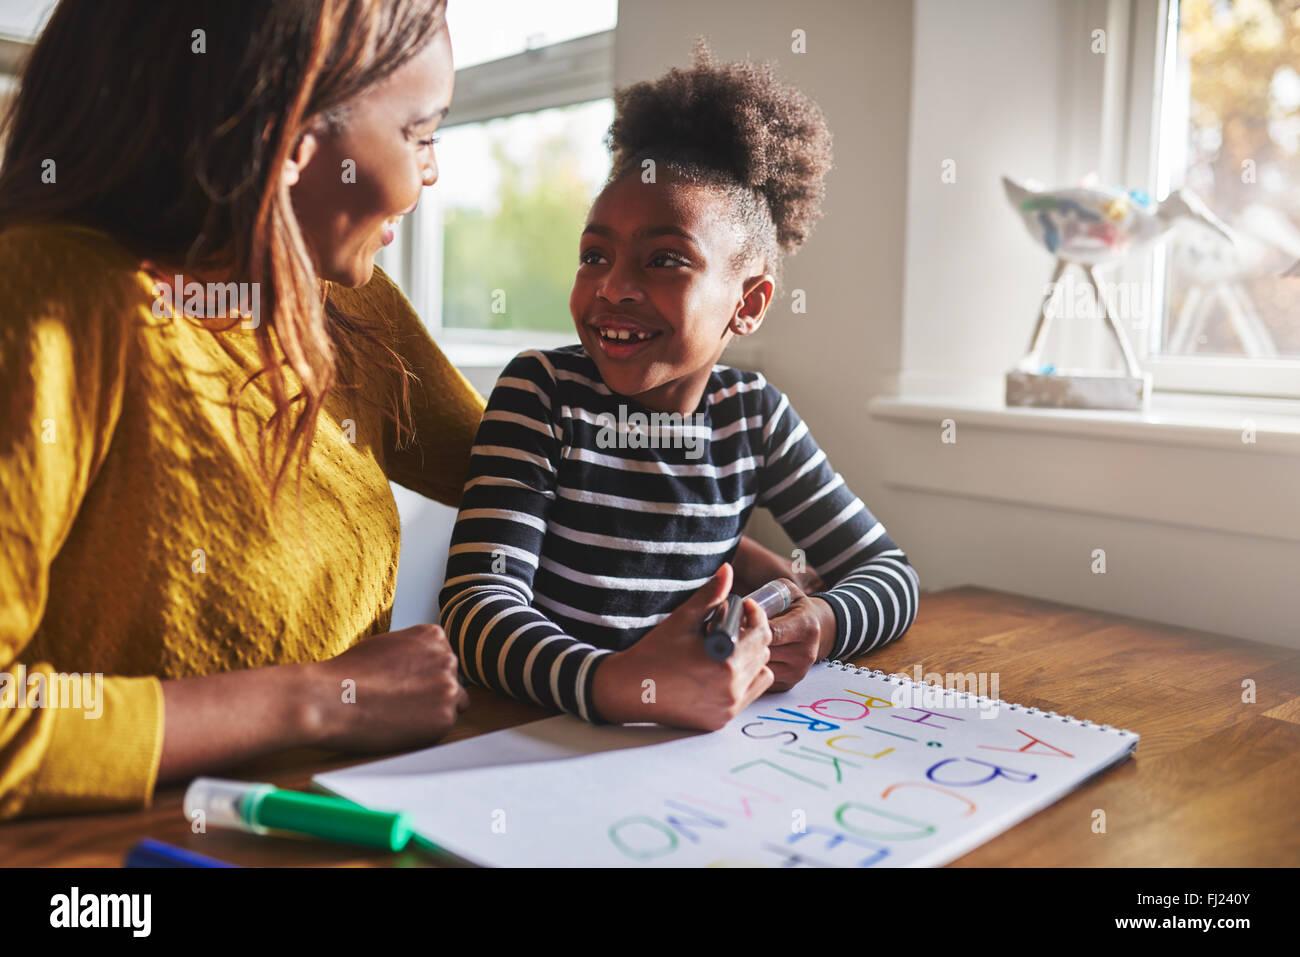 Petite fille noire apprendre à calculer pour l'école élémentaire Photo Stock